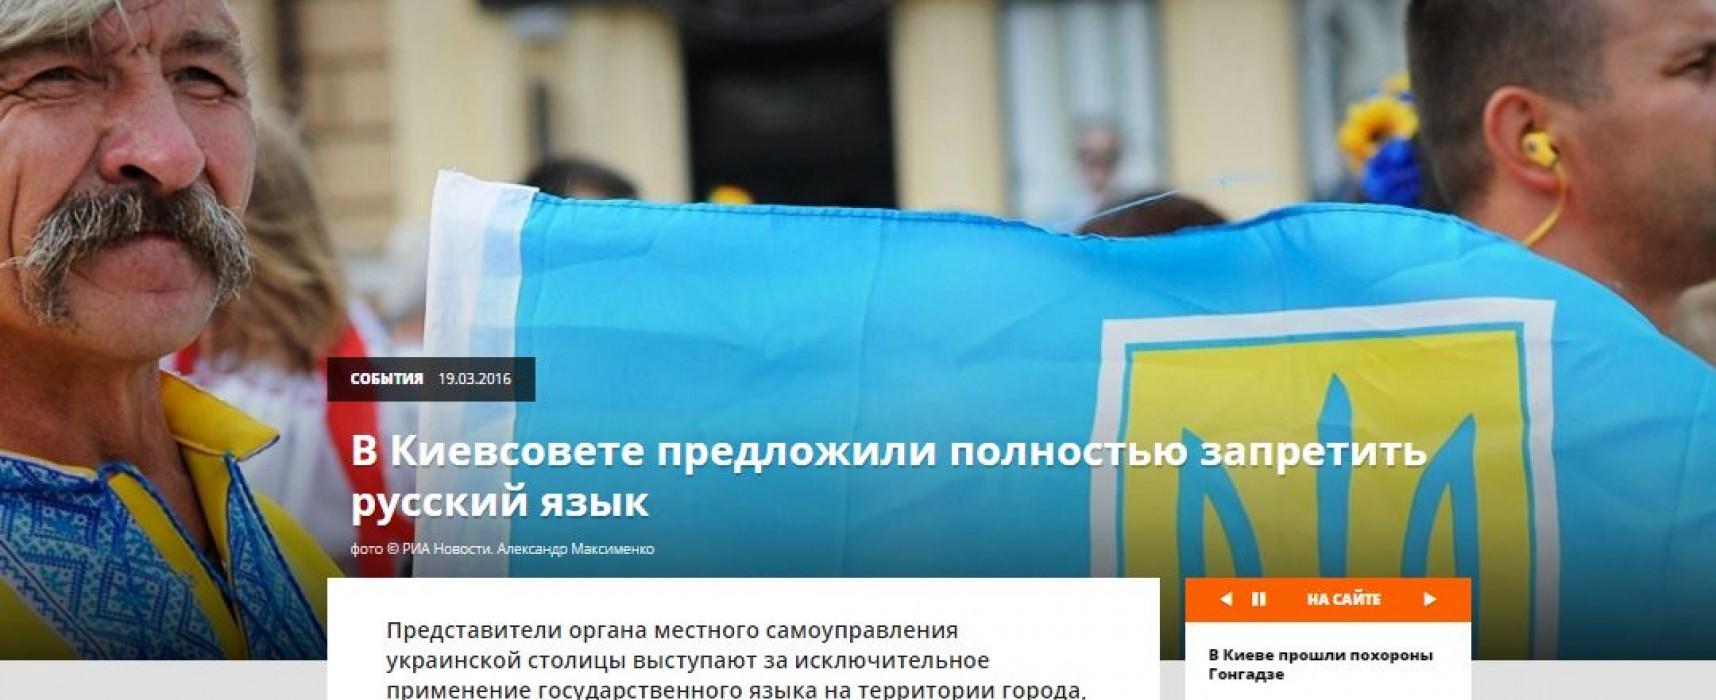 Fals: Consilierii municipali din Kiev au propus să fie interzisă în totalitate limba rusă